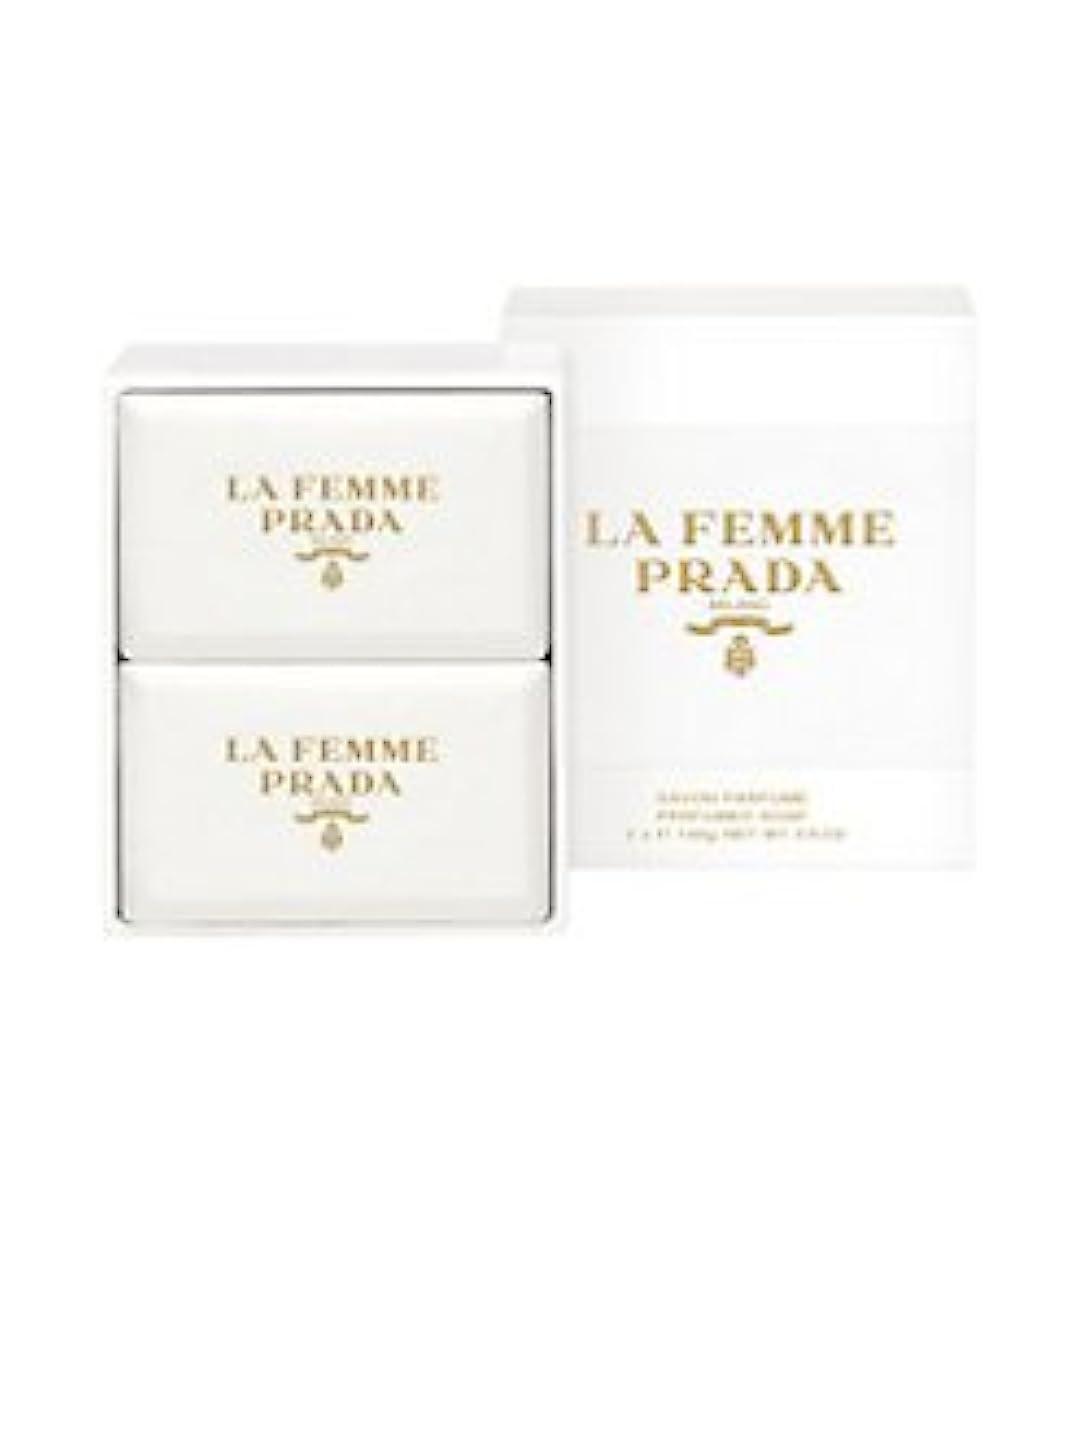 ビジネス真実に通行人La Femme Prada (ラ フェム プラダ) 1.75 oz (52ml) Soap (石鹸) x 2個 for Women